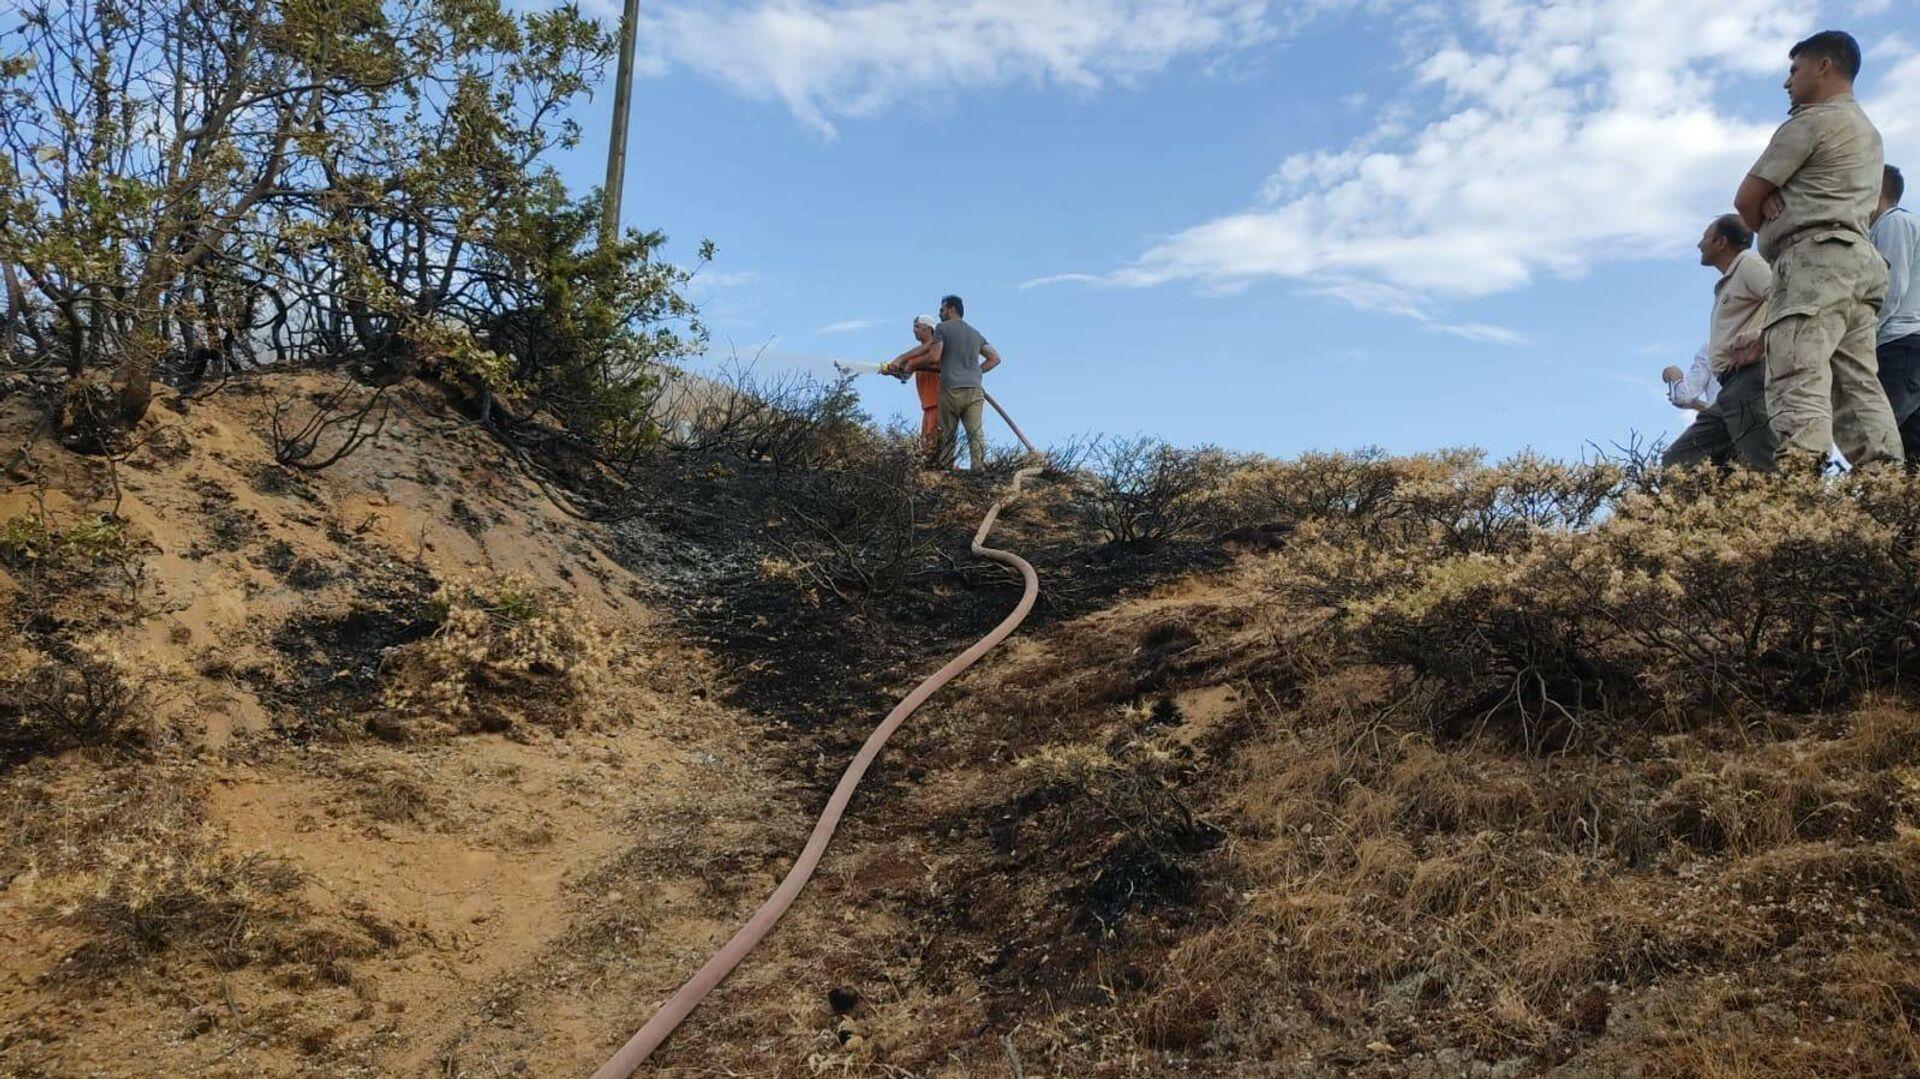 Bingöl'ün Genç ilçesindeki bir köyde çıkan orman yangını, ekiplerin hızlı müdahalesiyle büyümeden söndürüldü. - Sputnik Türkiye, 1920, 13.08.2021